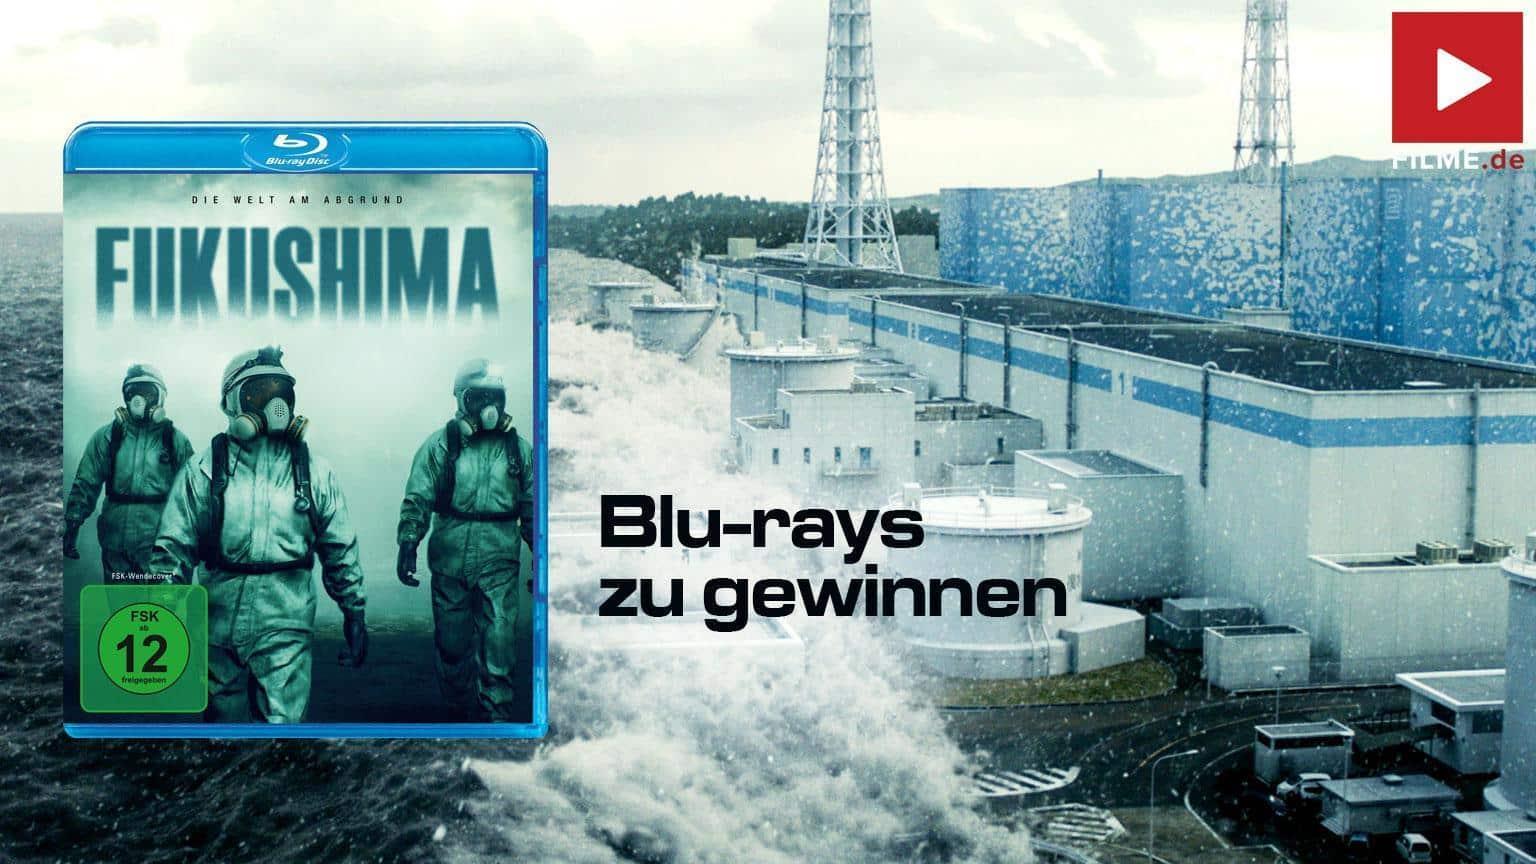 Fukushima Film 2021 Blu-ray DVD digital shop kaufen Gewinnspiel gewinnen Artikelbild